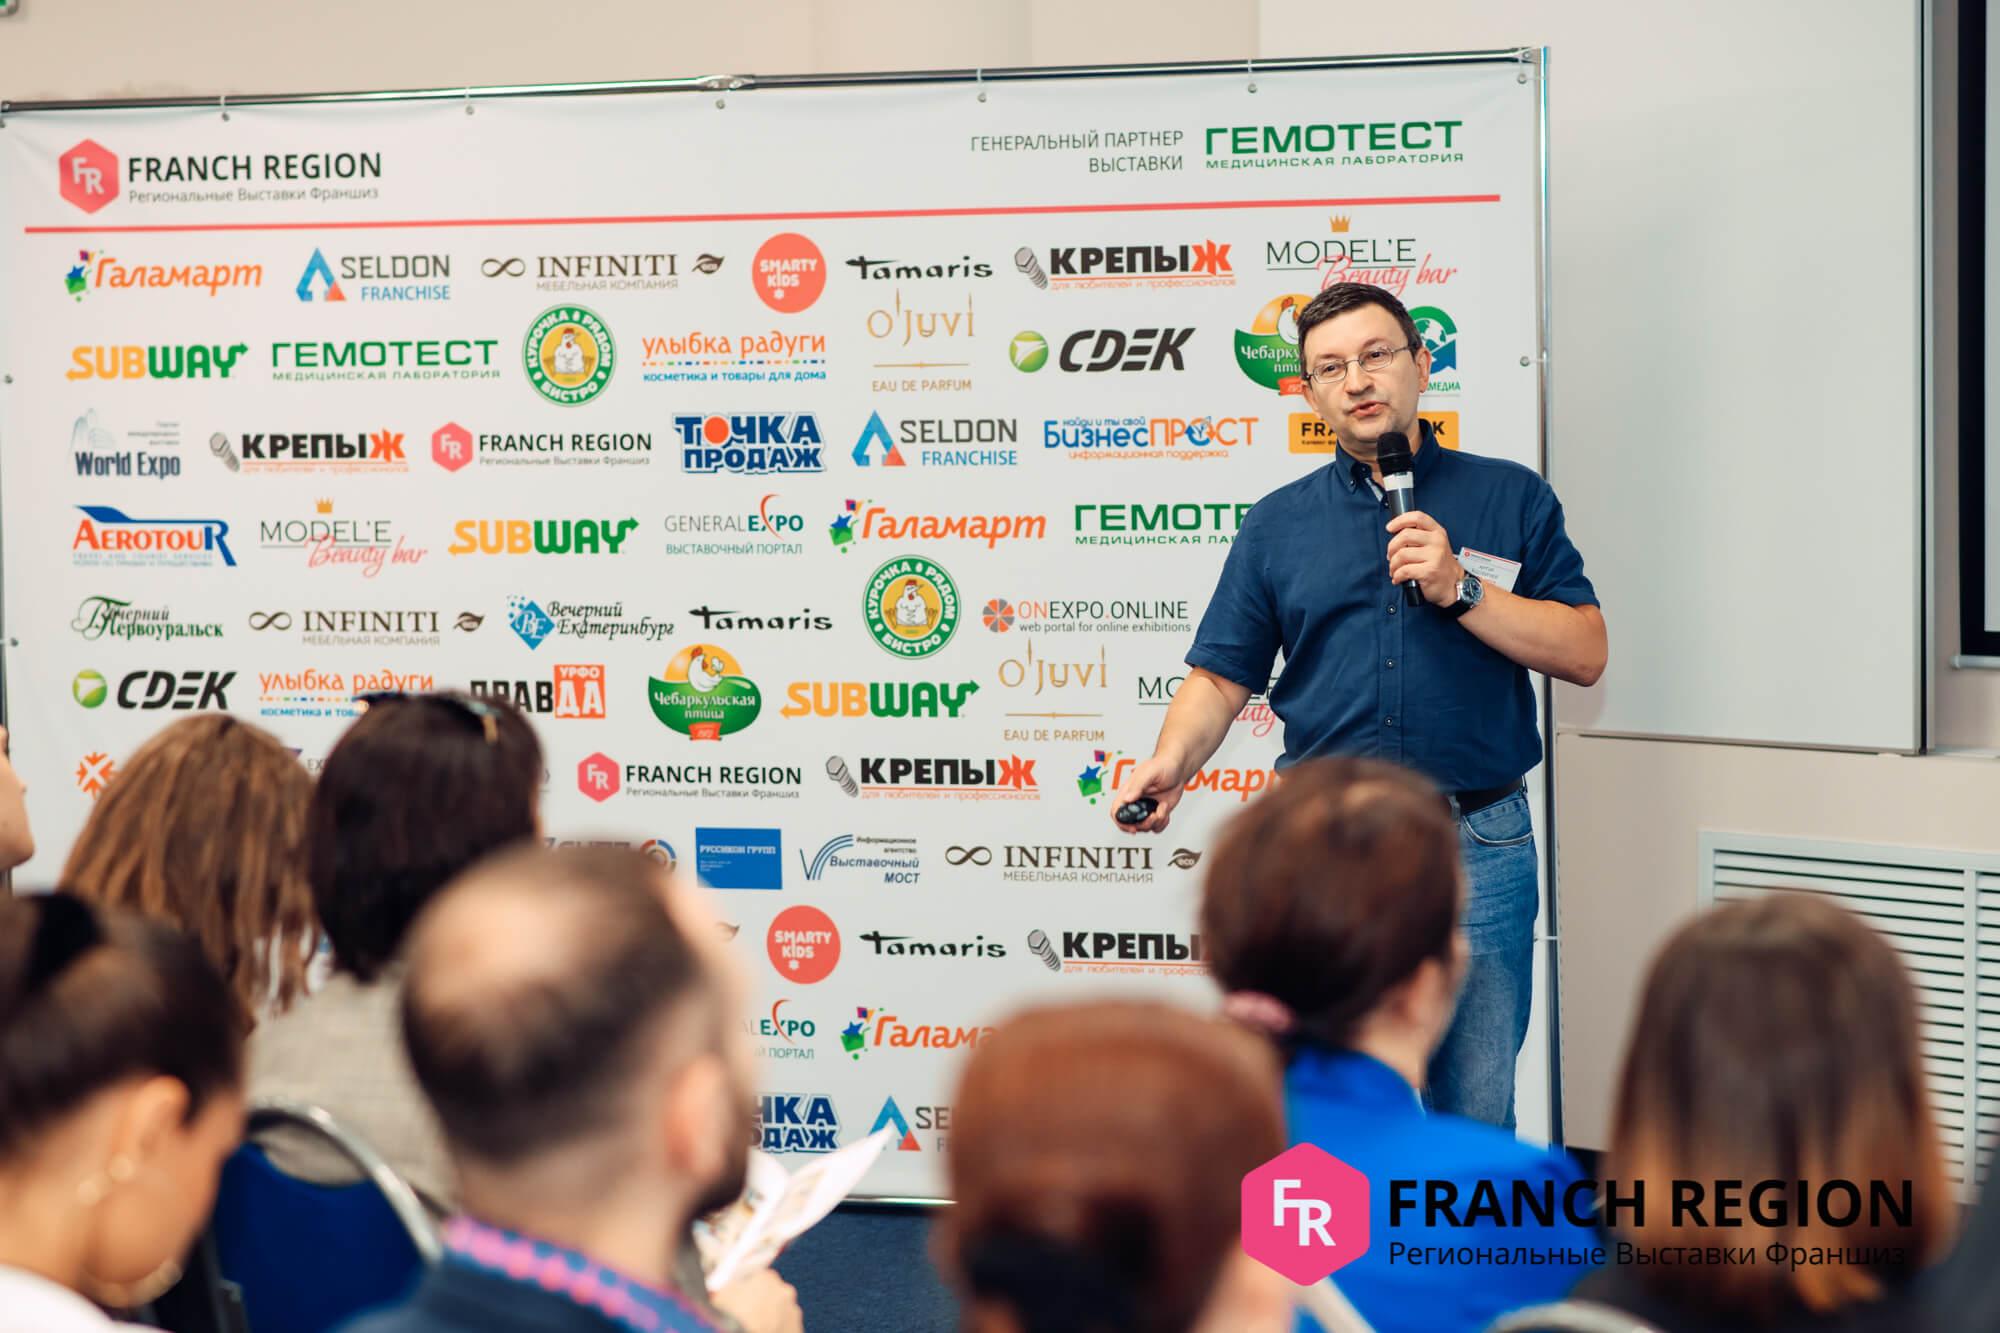 Выставка франшиз «Франчайзинг в регионы» пройдет в Минске